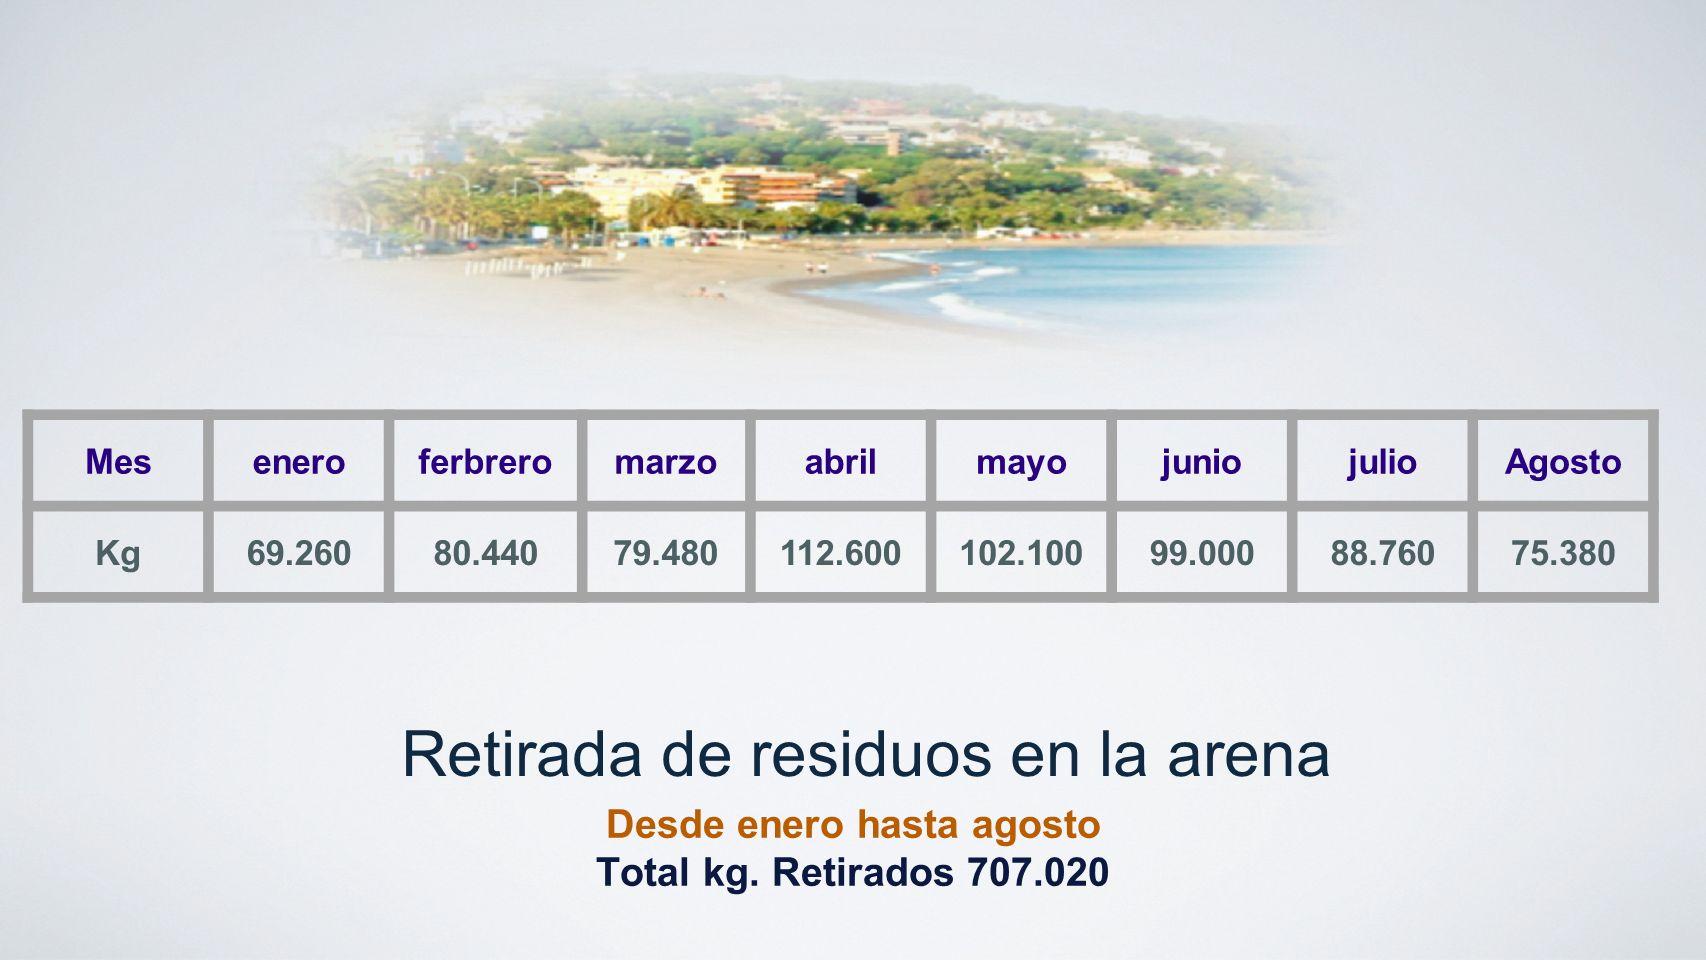 Retirada de residuos en la arena Desde enero hasta agosto Total kg. Retirados 707.020 MeseneroferbreromarzoabrilmayojuniojulioAgosto Kg69.26080.44079.